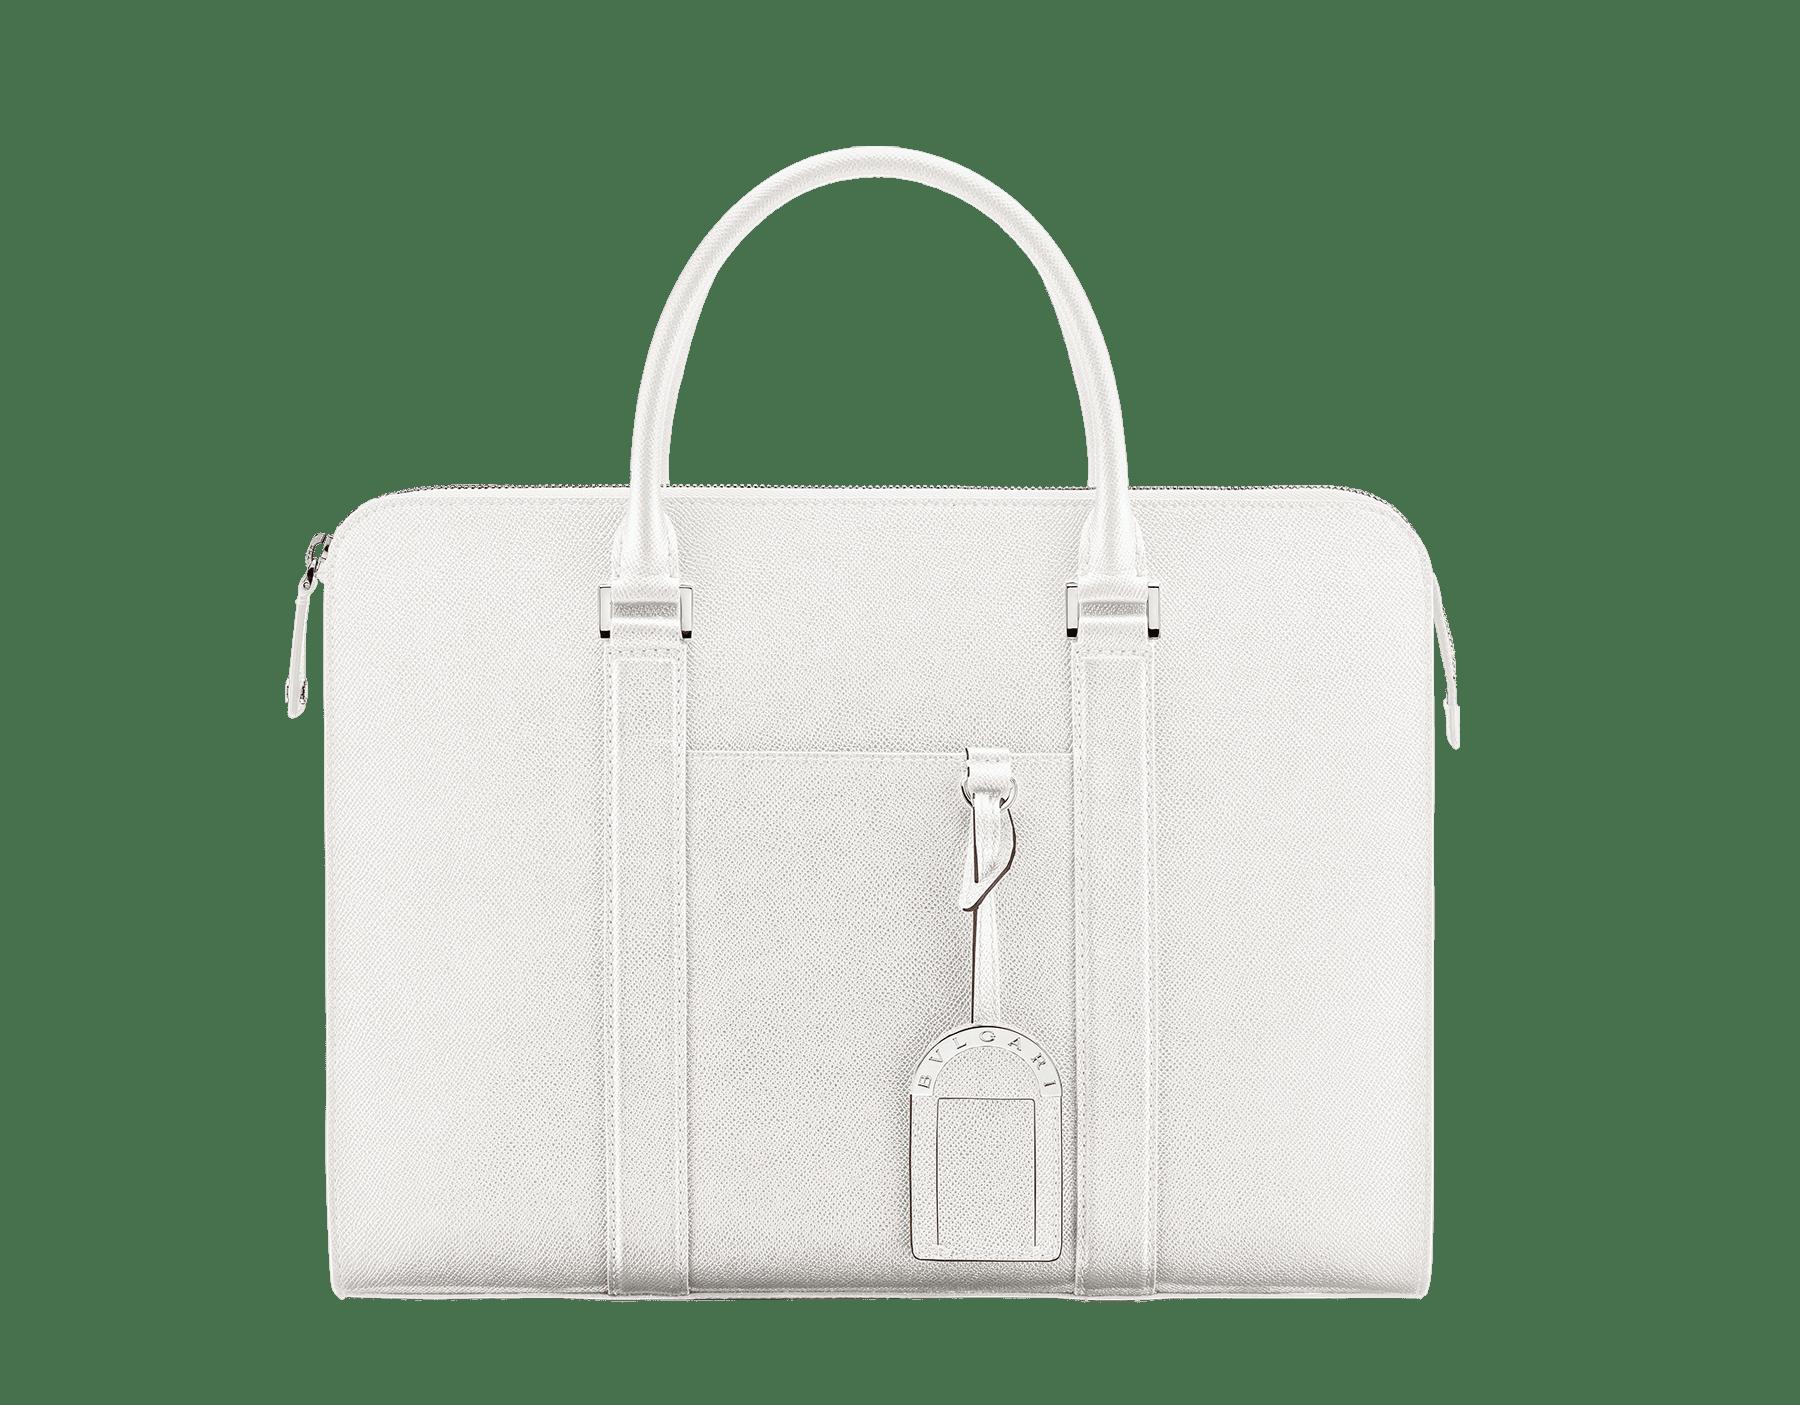 這款 BVLGARI BVLGARI 拉鍊公事包採用瑪瑙白珠面小牛皮,襯裡為黑色 Nappa 軟面皮,搭配鍍鈀黃銅配飾。 288477 image 1